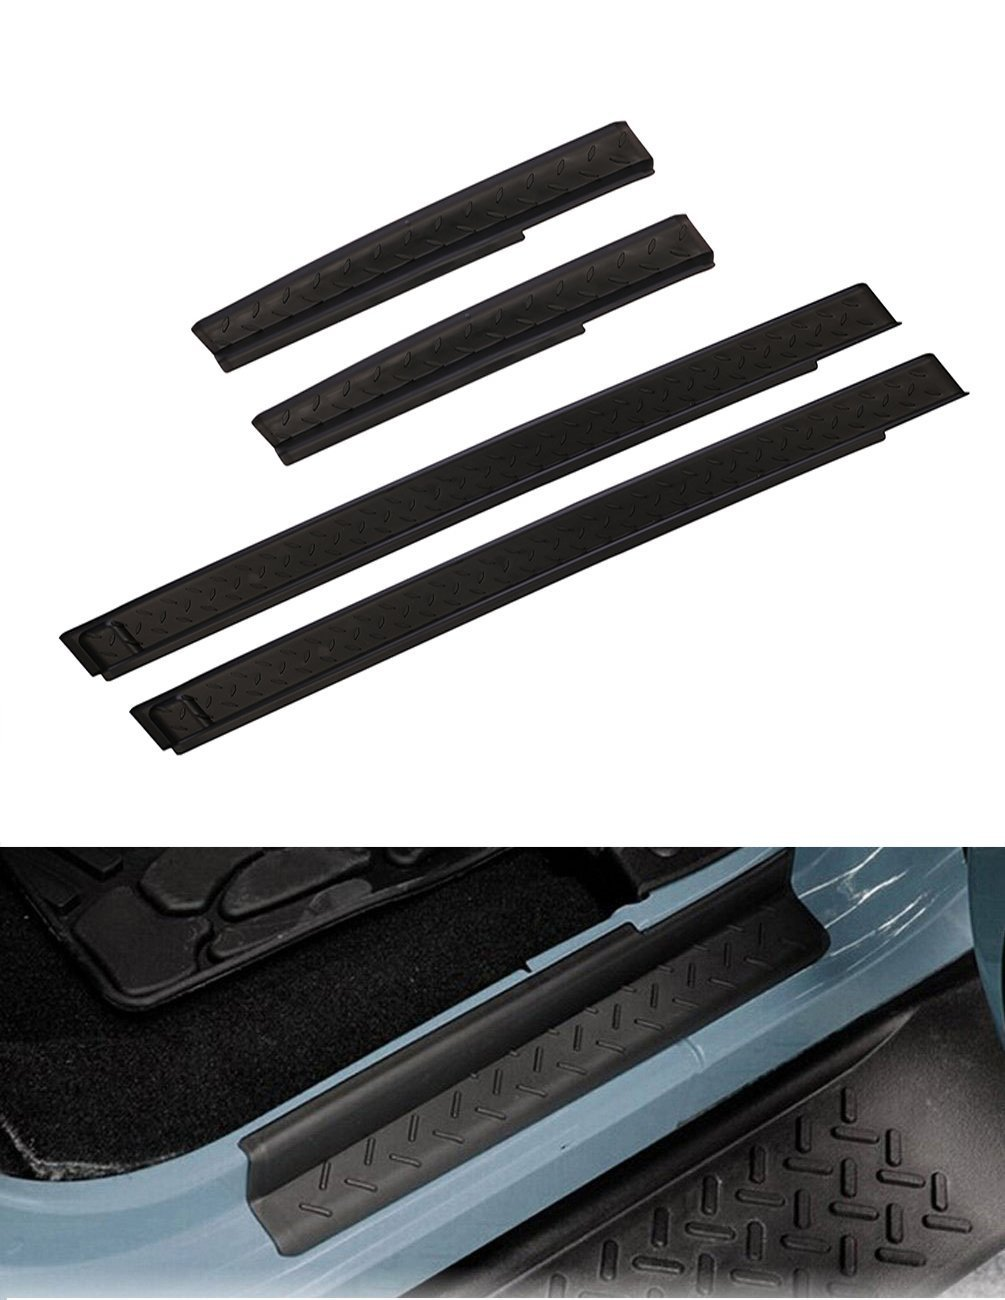 Protections de seuil de porti/ères avant et arri/ère i-Shop